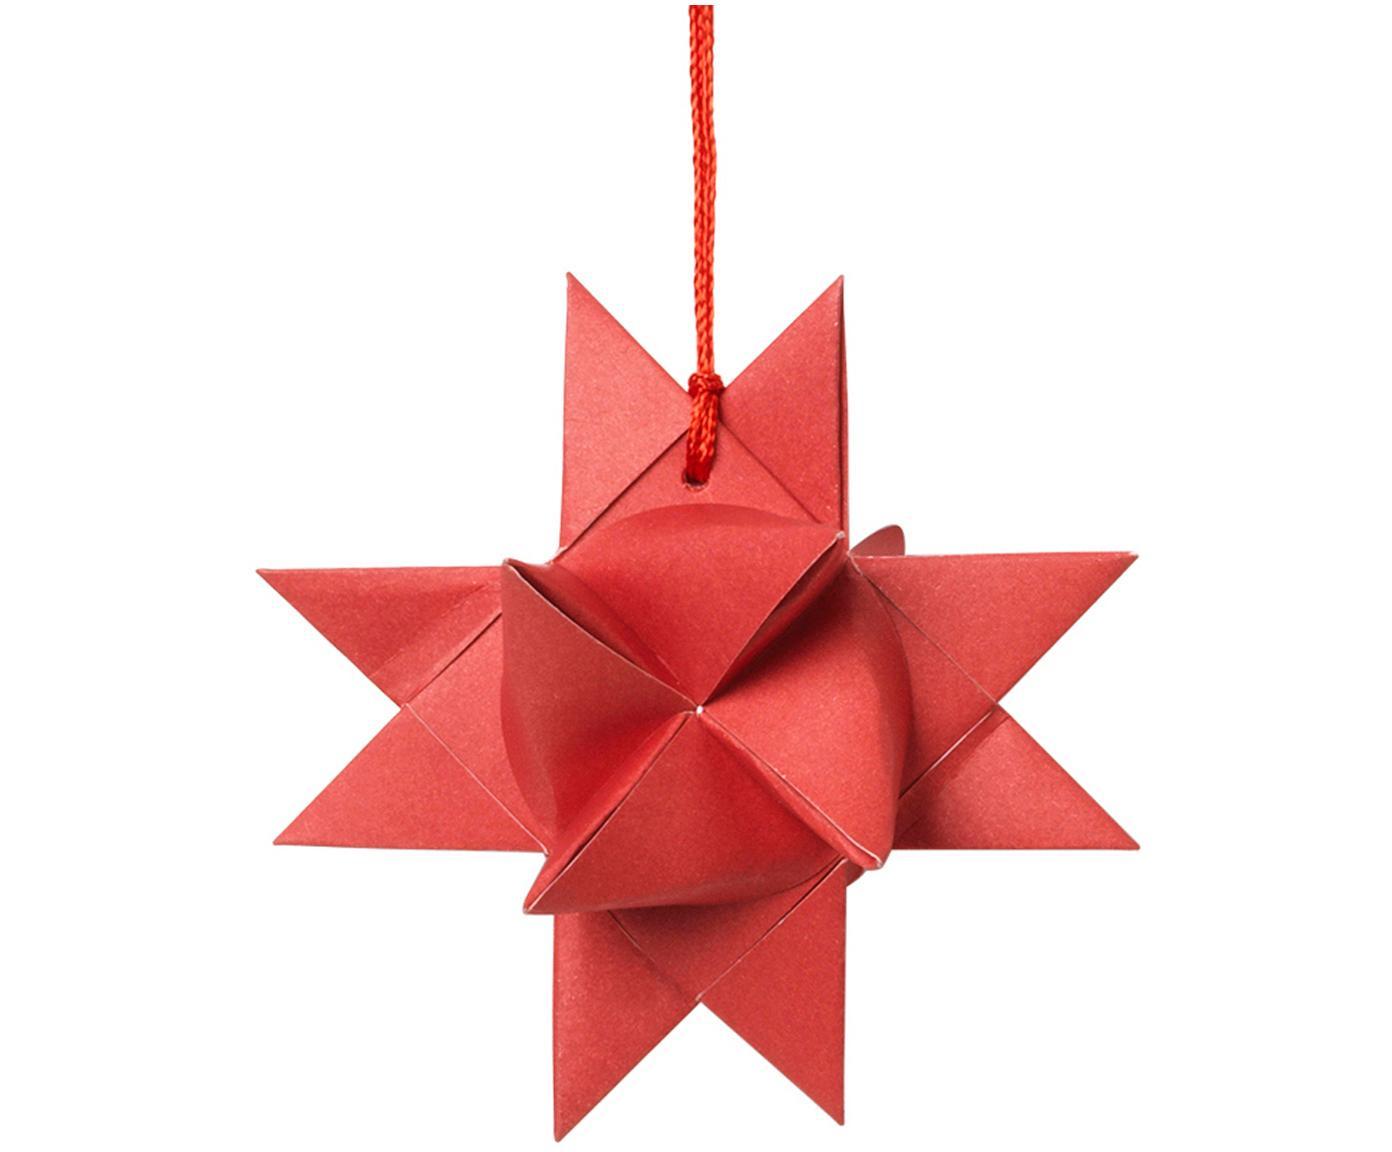 Baumanhänger Star Origami, 4 Stück, Papier, Rot, B 11 x T 11 cm